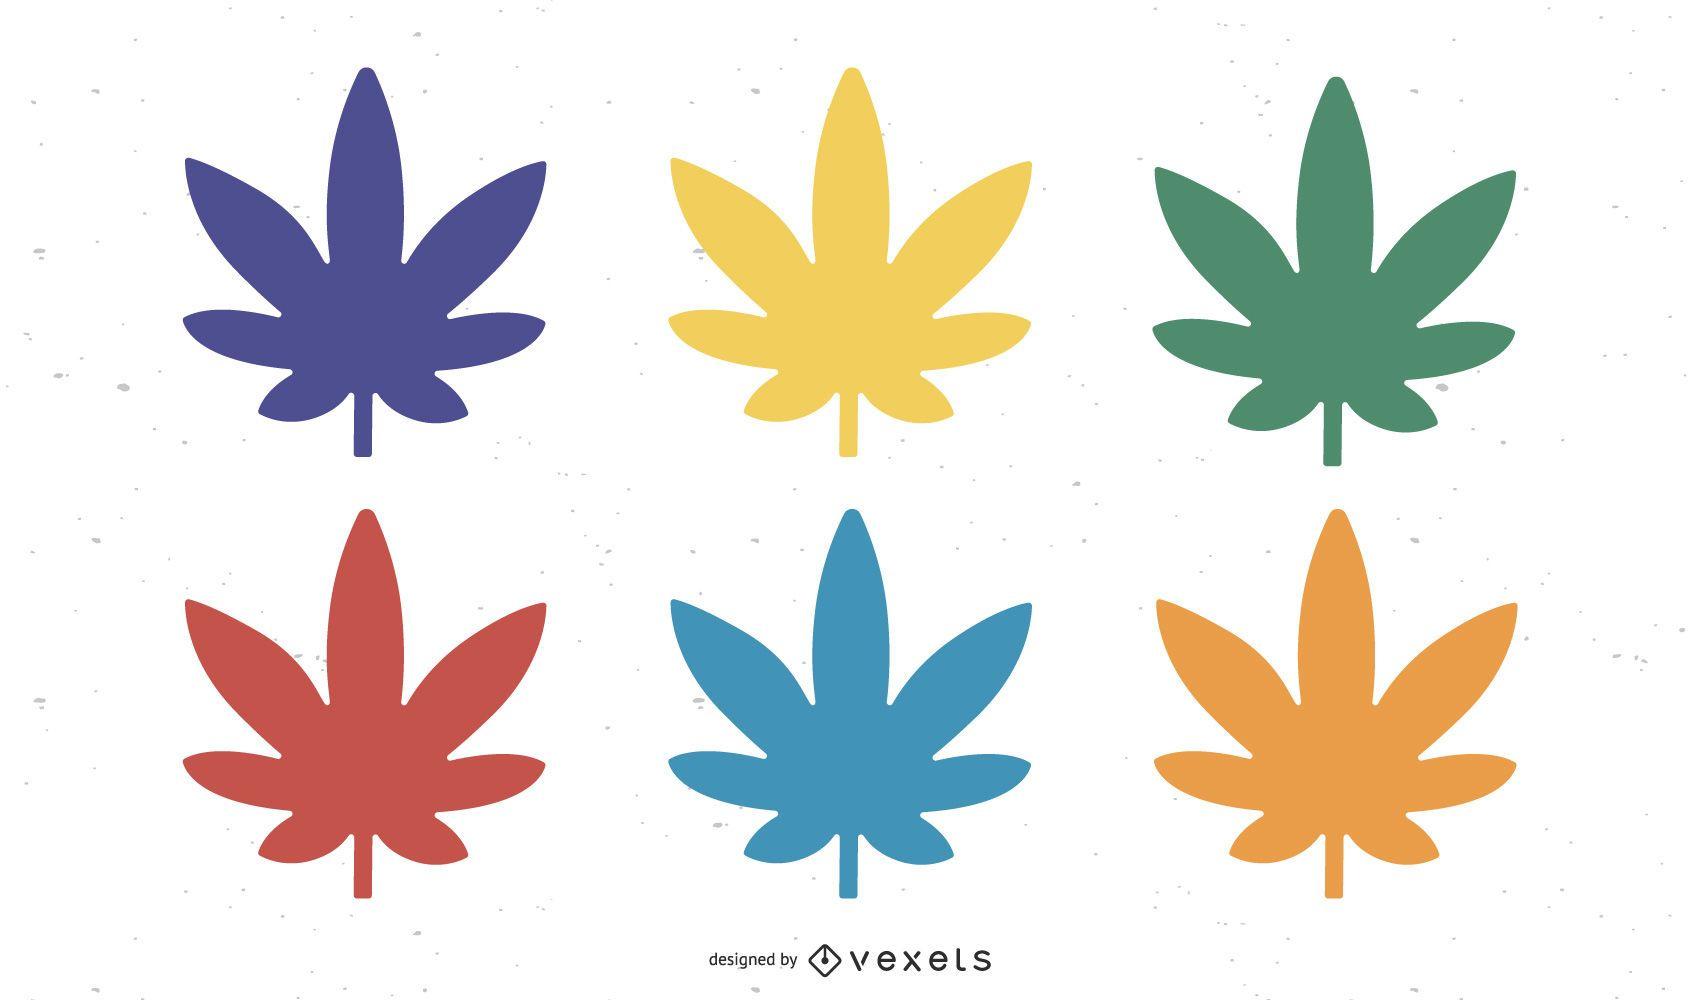 Vetor grátis de folhas coloridas Nixvex